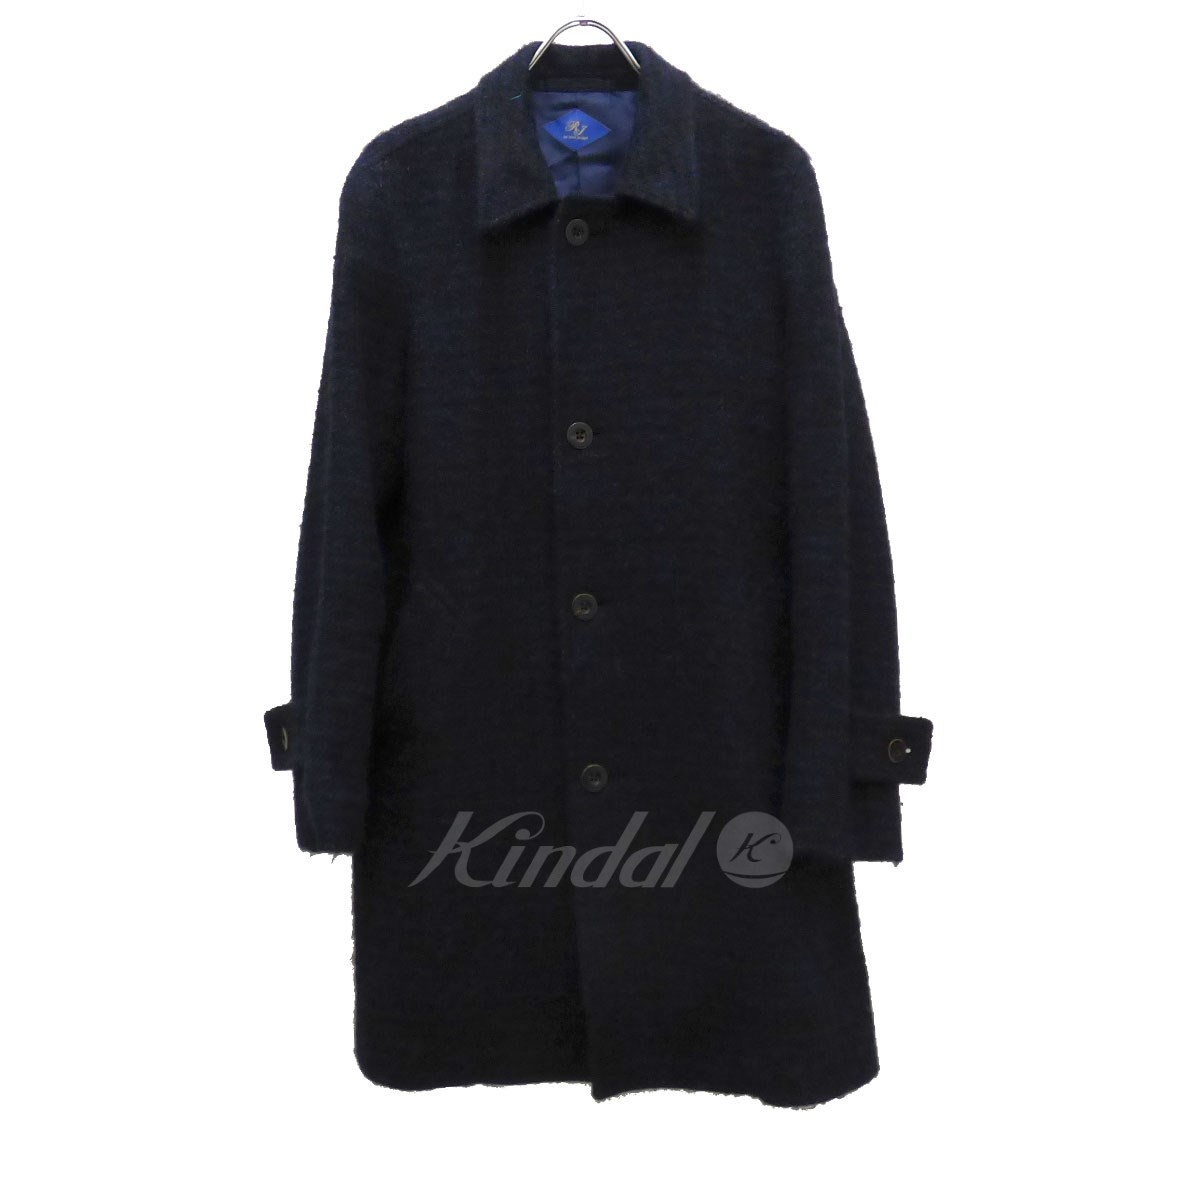 【中古】Ring Jacket チェック柄 ウールステンカラーコート 【送料無料】 【008655】 【KT1544】 【返品不可】